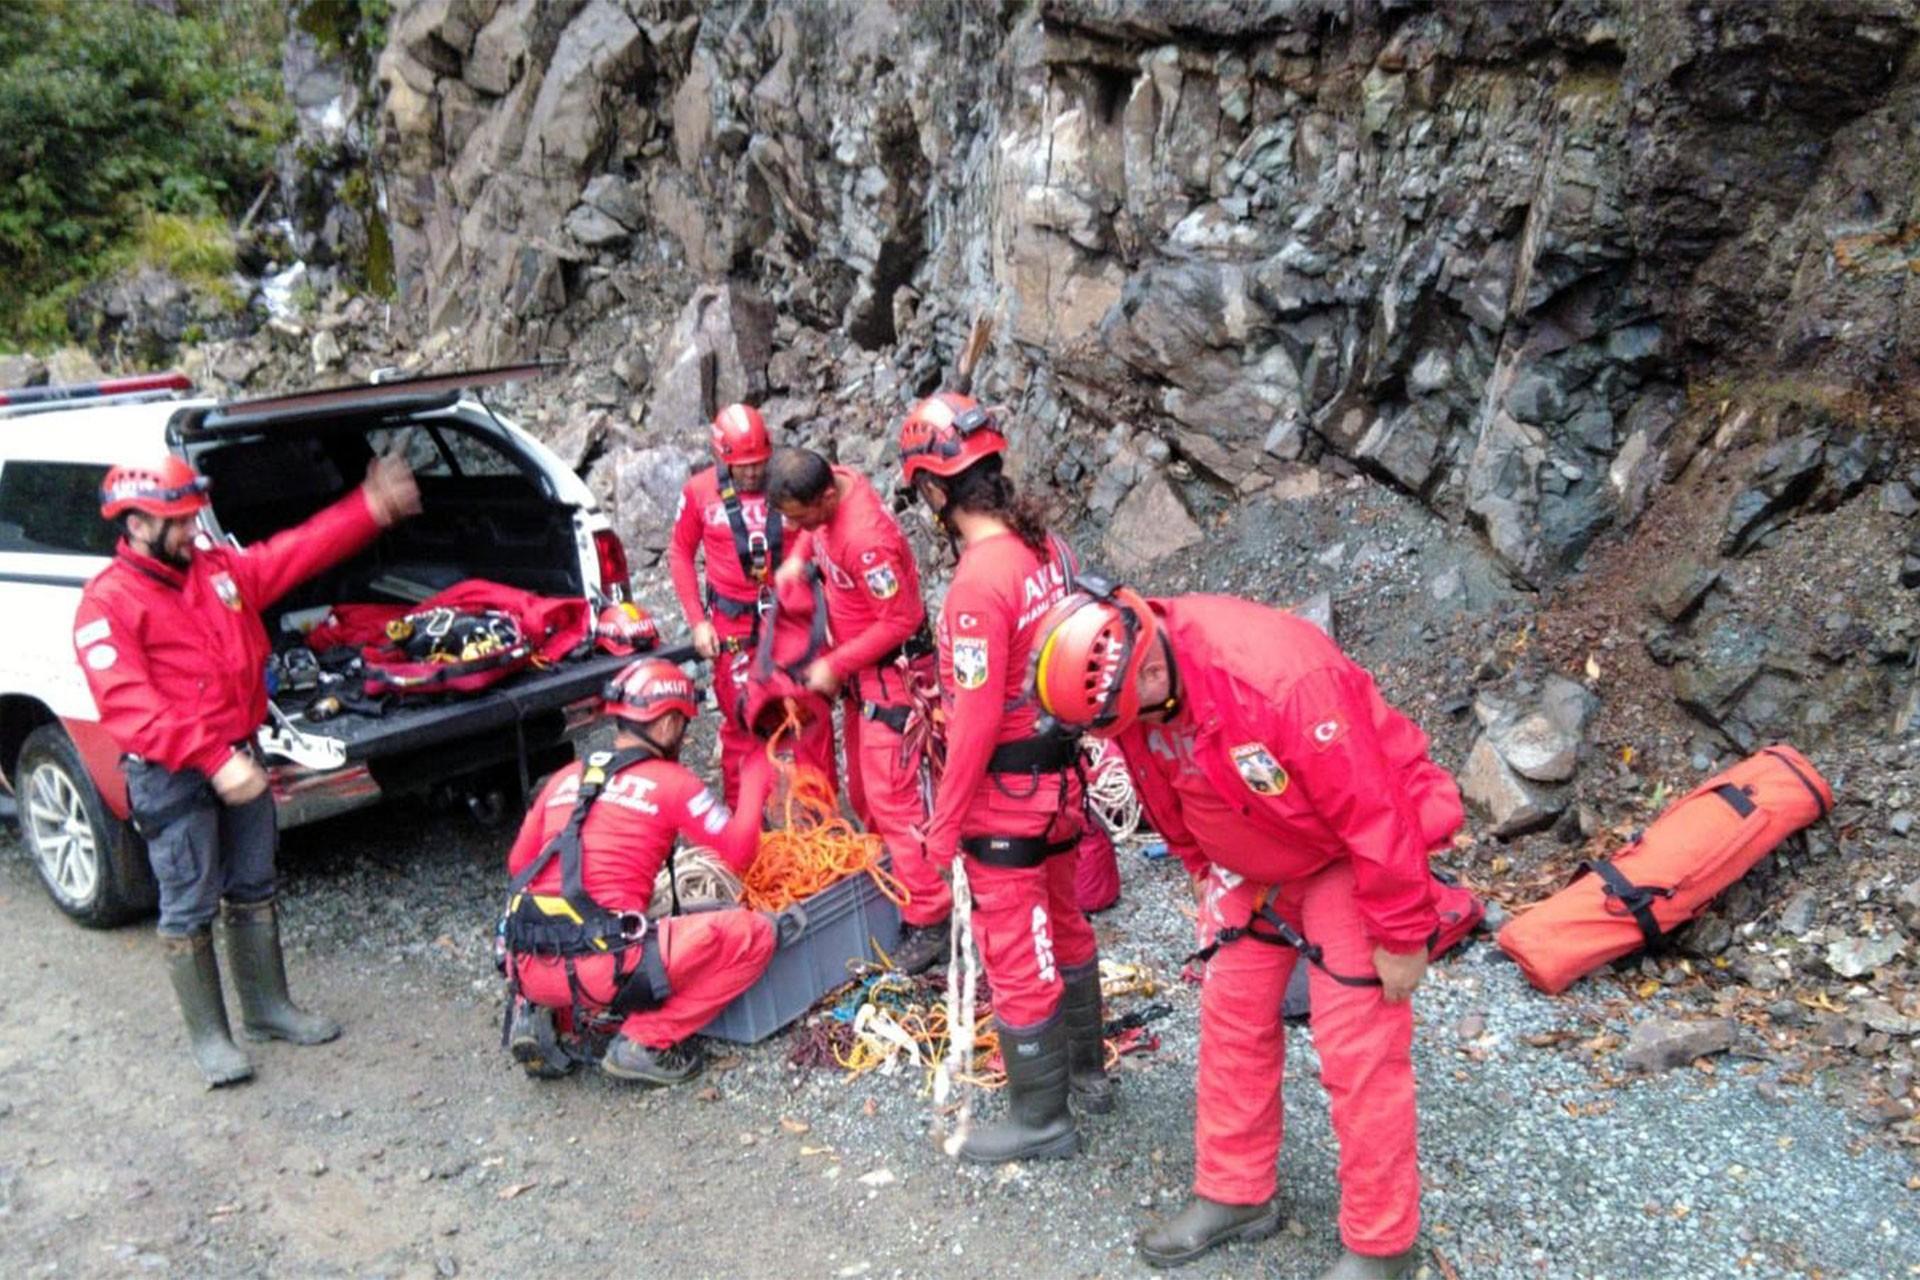 Artvin'de HES inşaatında iş cinayeti: 2 işçi 300 metrelik uçumrumdan yuvarlandı